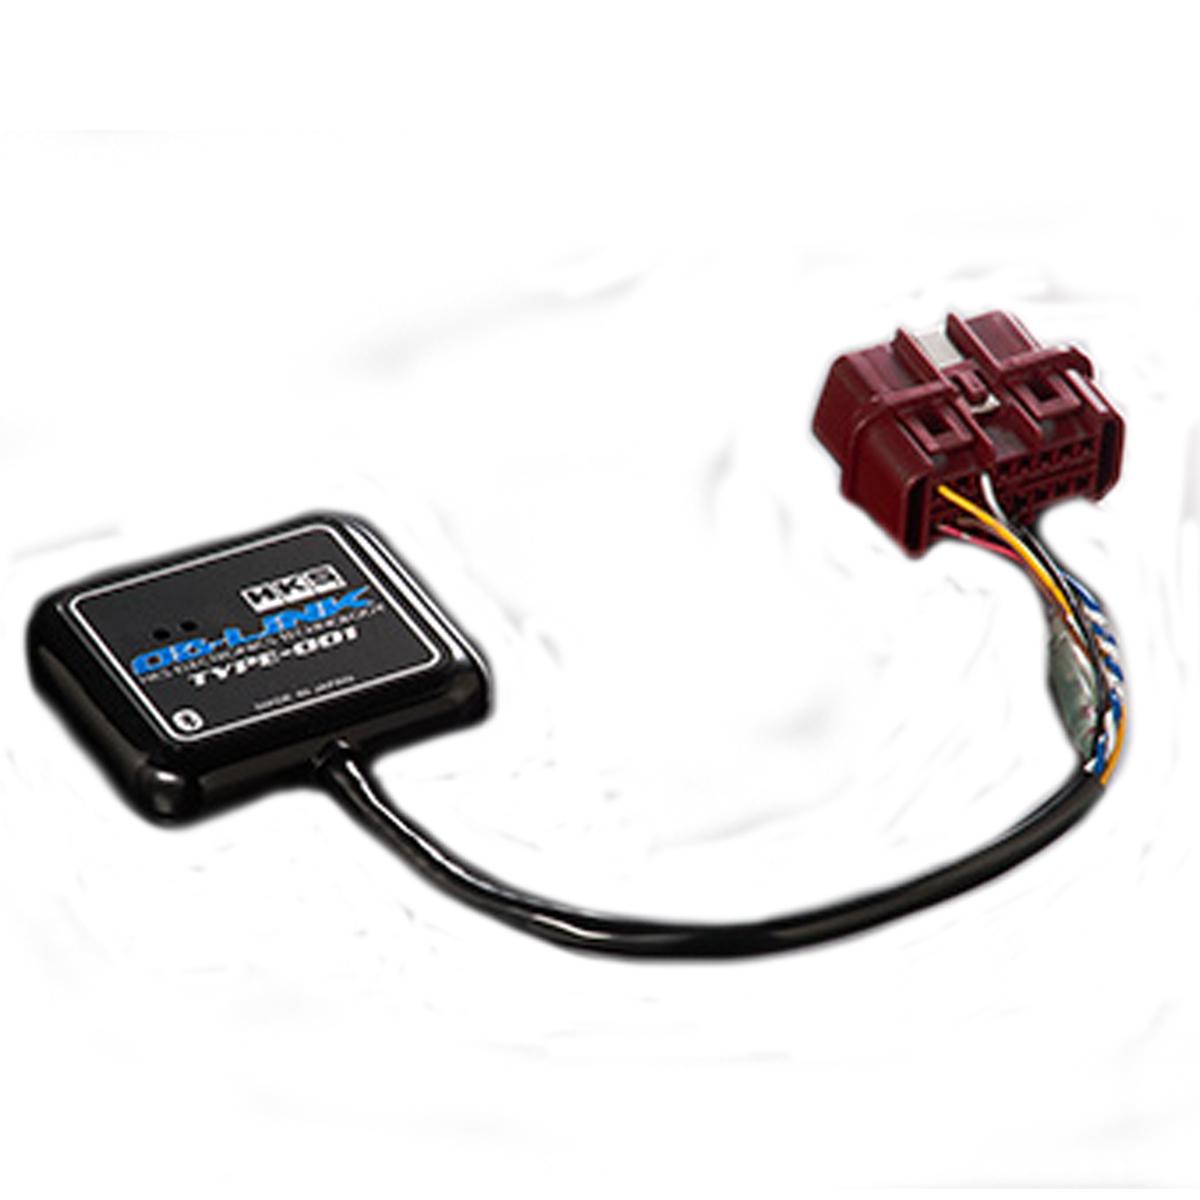 ブレビス モニター OBリンク タイプ 001 JCG11 HKS 44009-AK002 エレクトリニクス 個人宅発送追金有